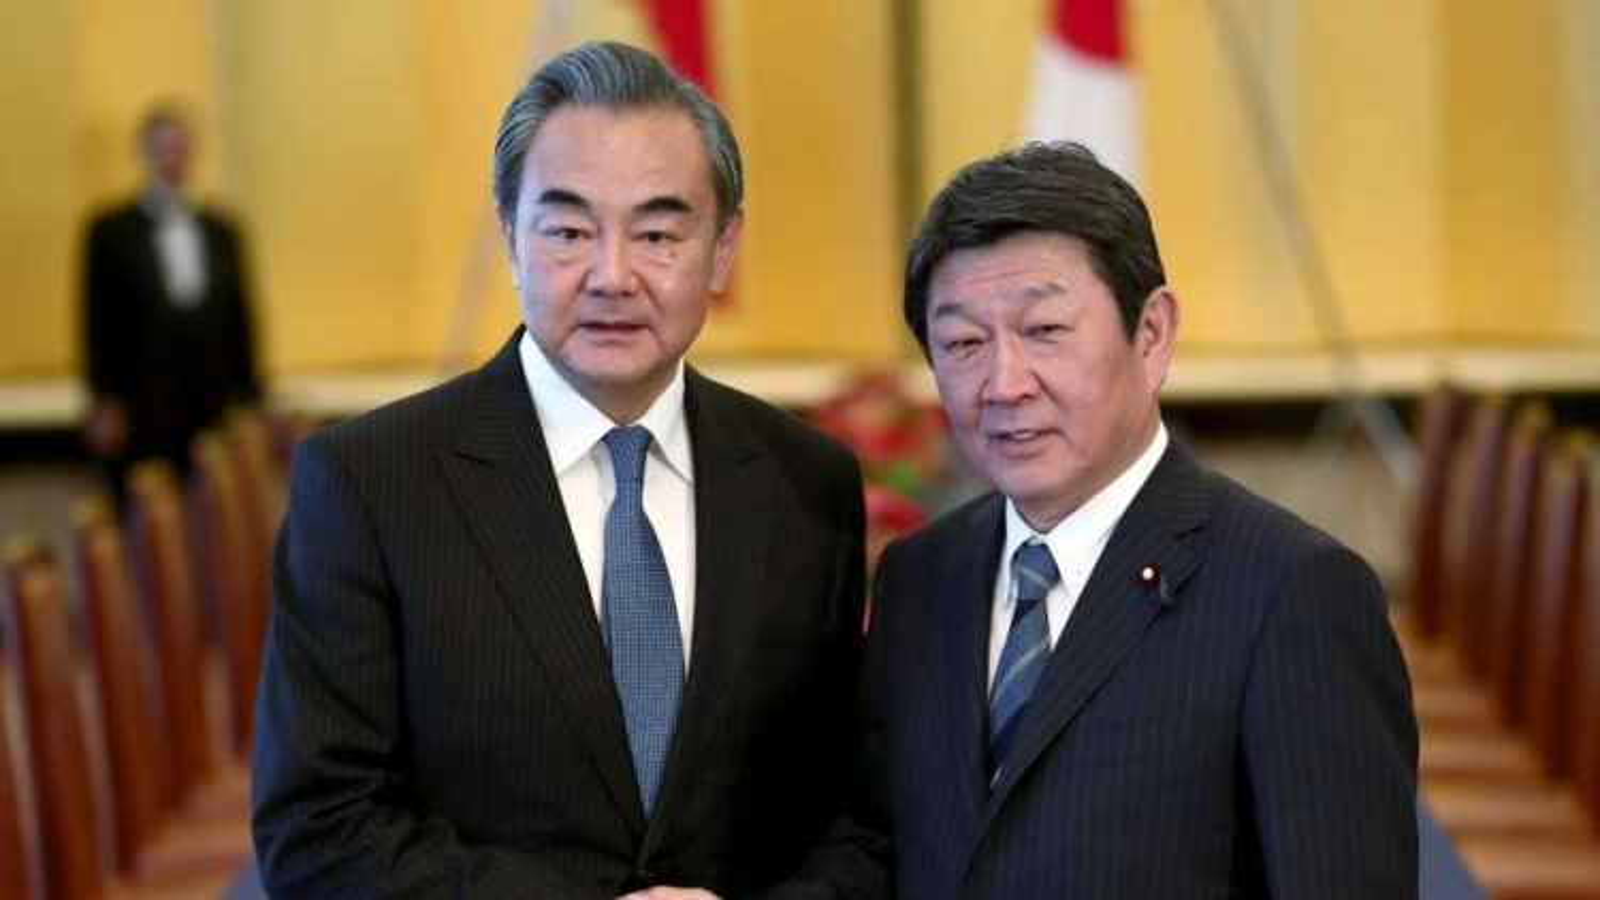 Ngoại trưởng Nhật Bản, Trung Quốc gặp nhau để giải quyết vướng mắc giữa 2 bên